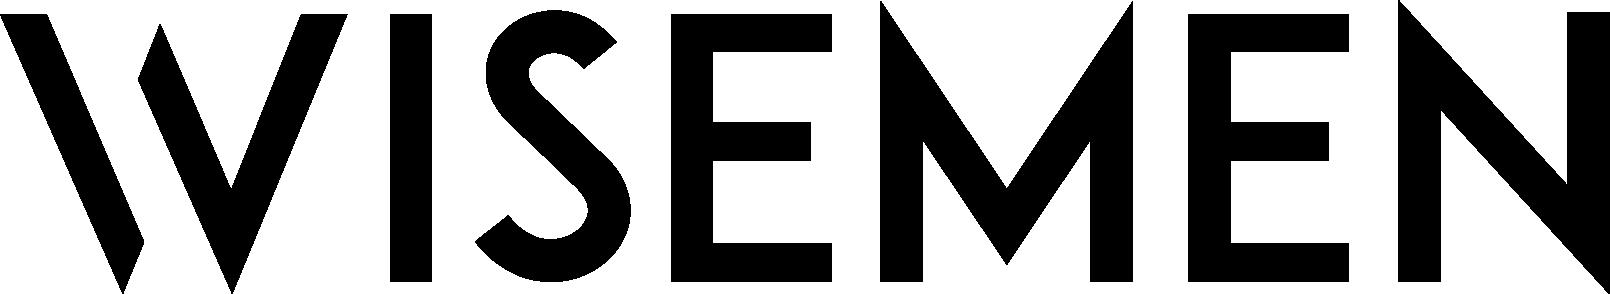 Wisemen-logo